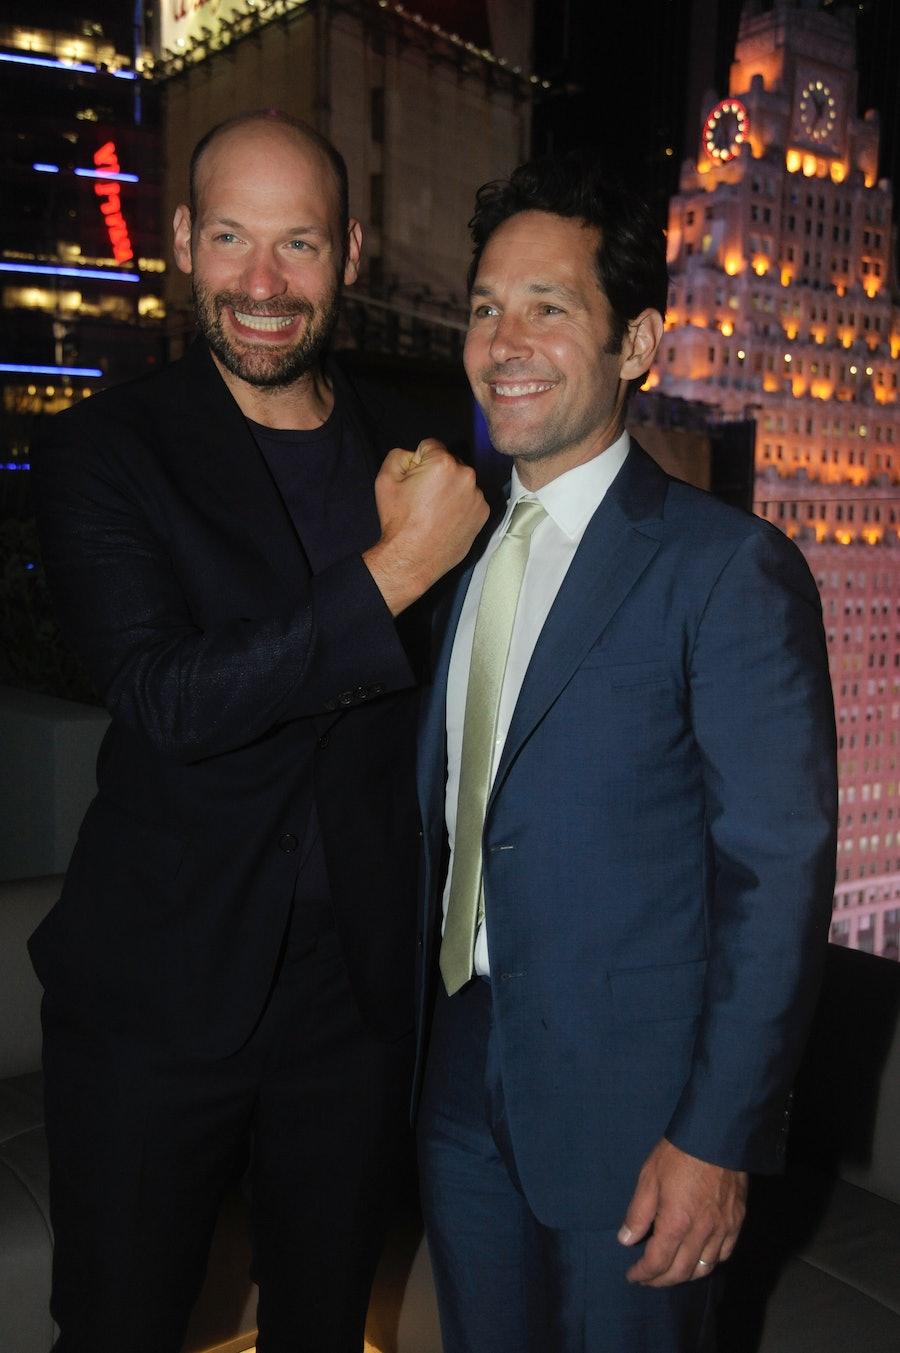 Corey Stoll and Paul Rudd